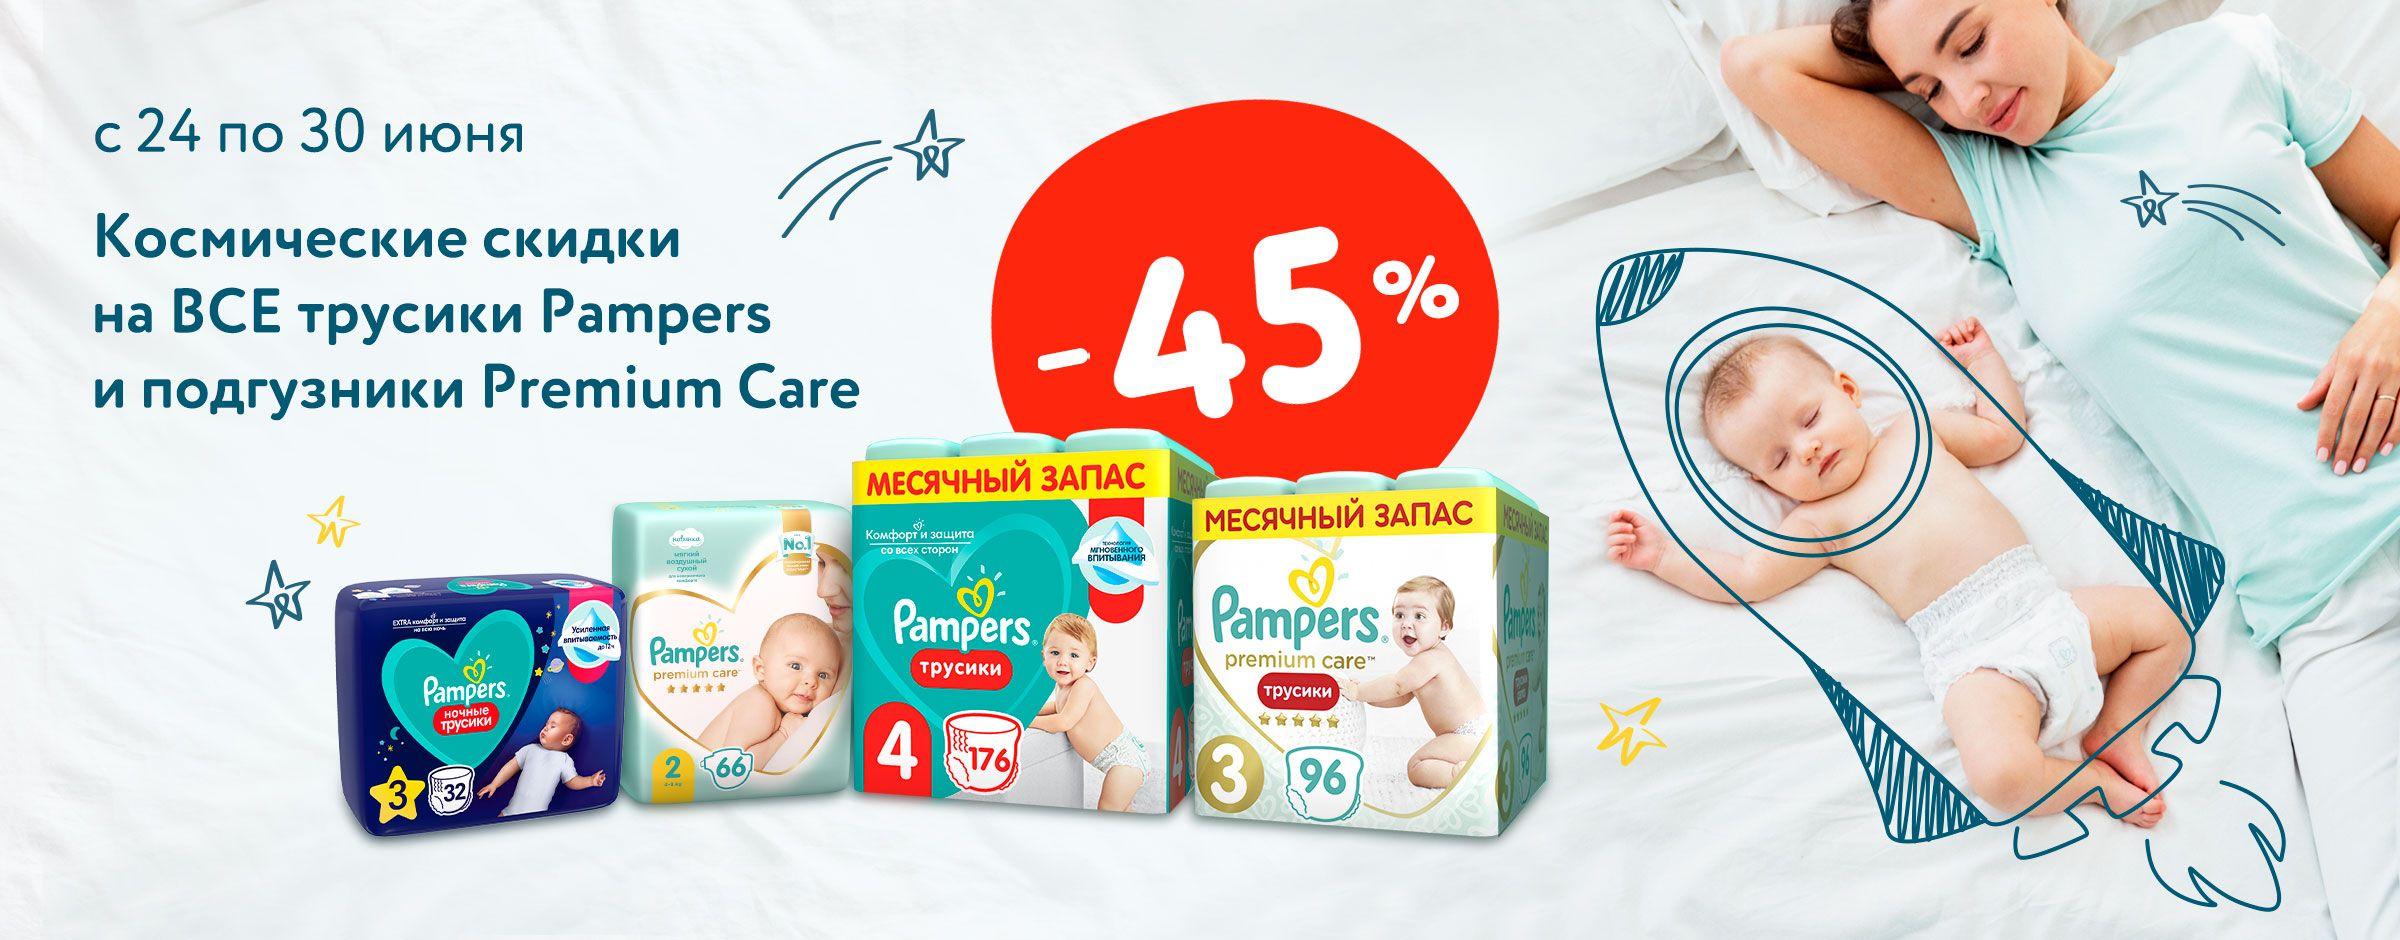 45% на ВСЕ трусики Pampers и подгузники Pampers Premium Care категории 2 уровня